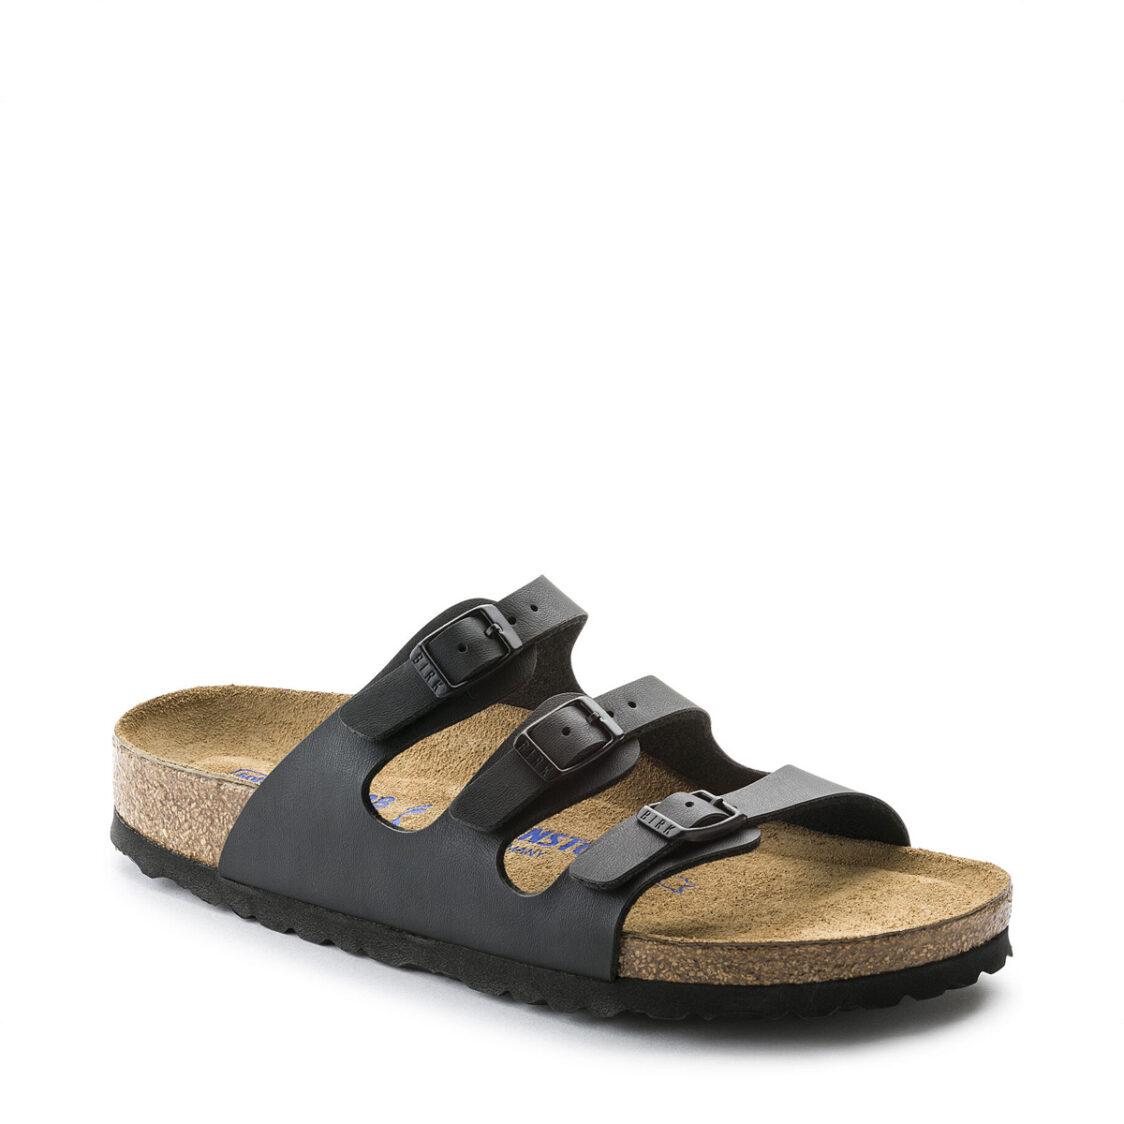 Birkenstock Florida Birko-Flor Soft Footbed Womens Regular Width Sandals Black